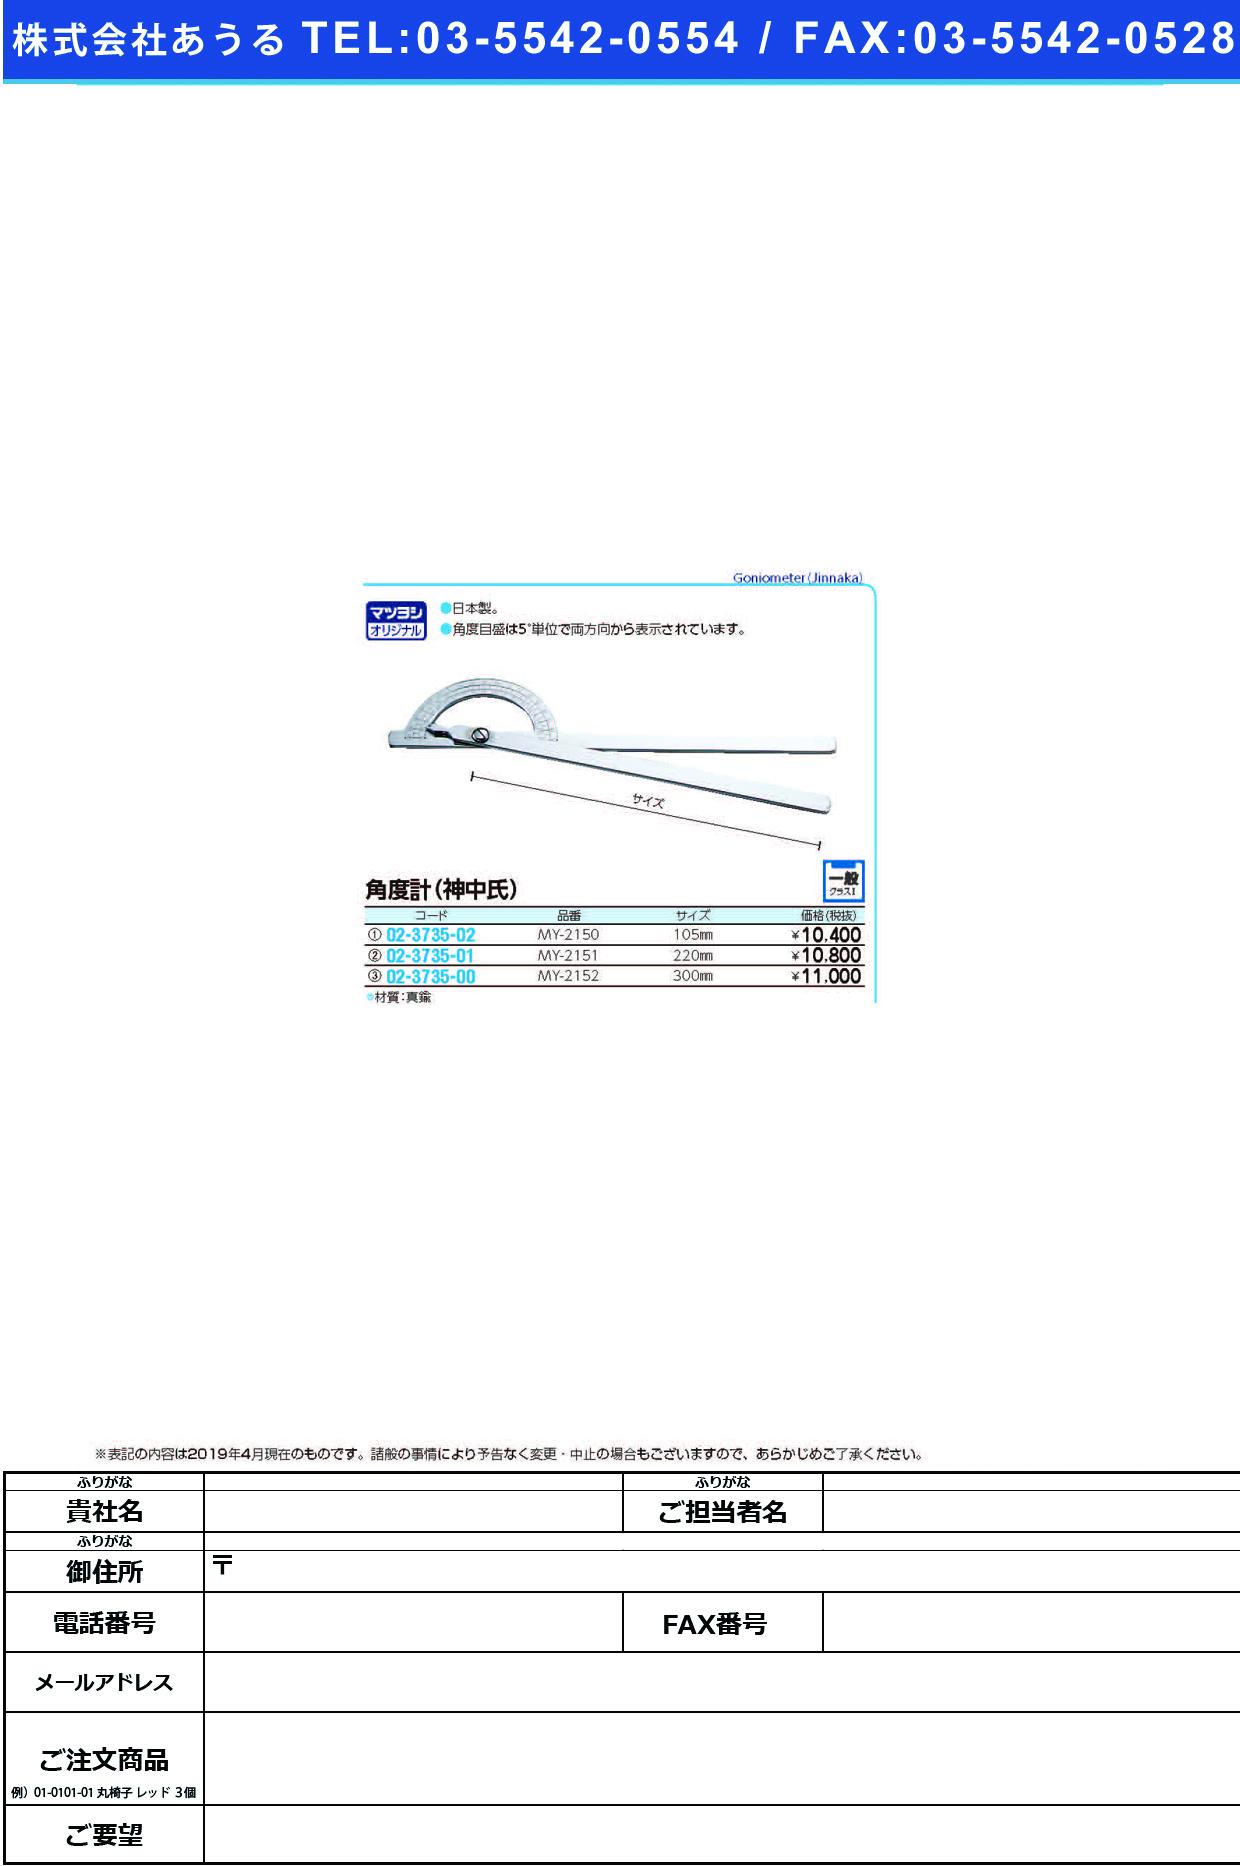 (02-3735-02)角度計(神中氏) 105MM カクドケイ(ジンナカシ)【1個単位】【2019年カタログ商品】